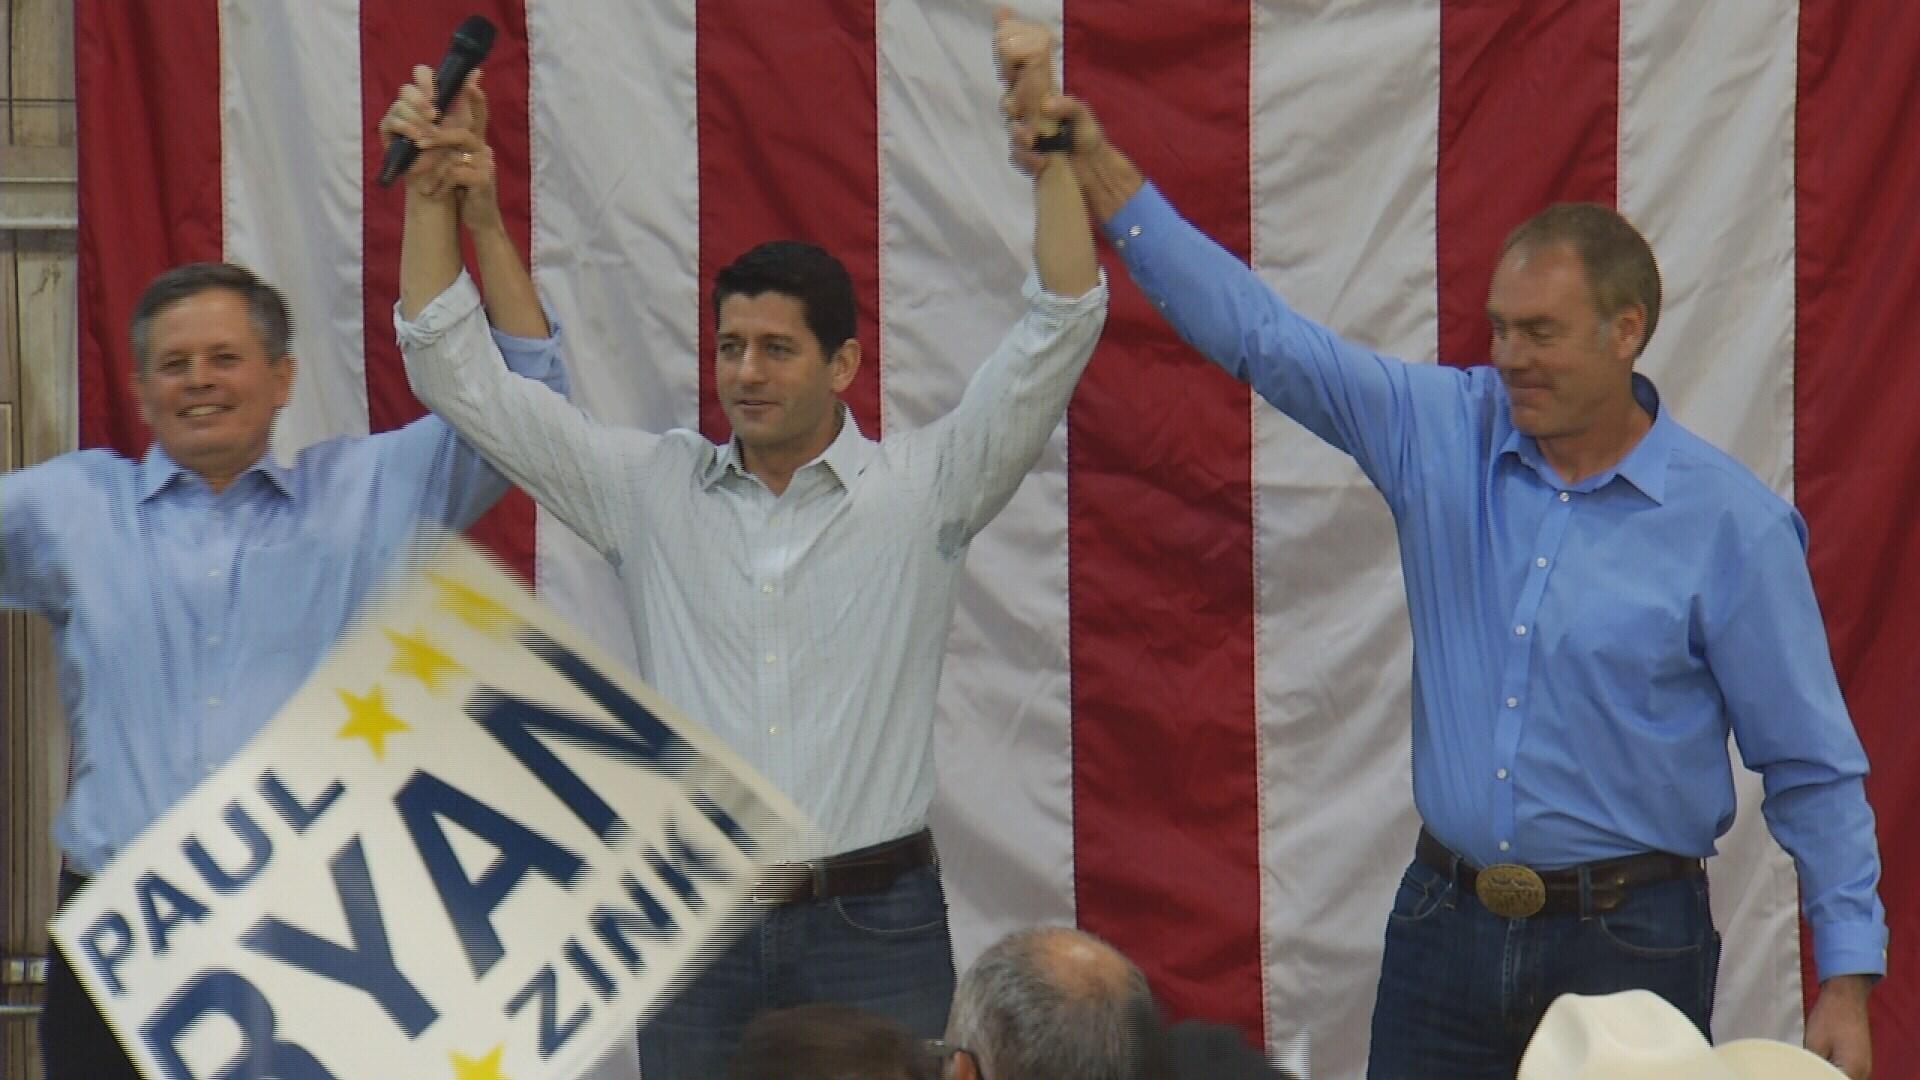 Paul Ryan Says He's Already Cast His Ballot For Trump